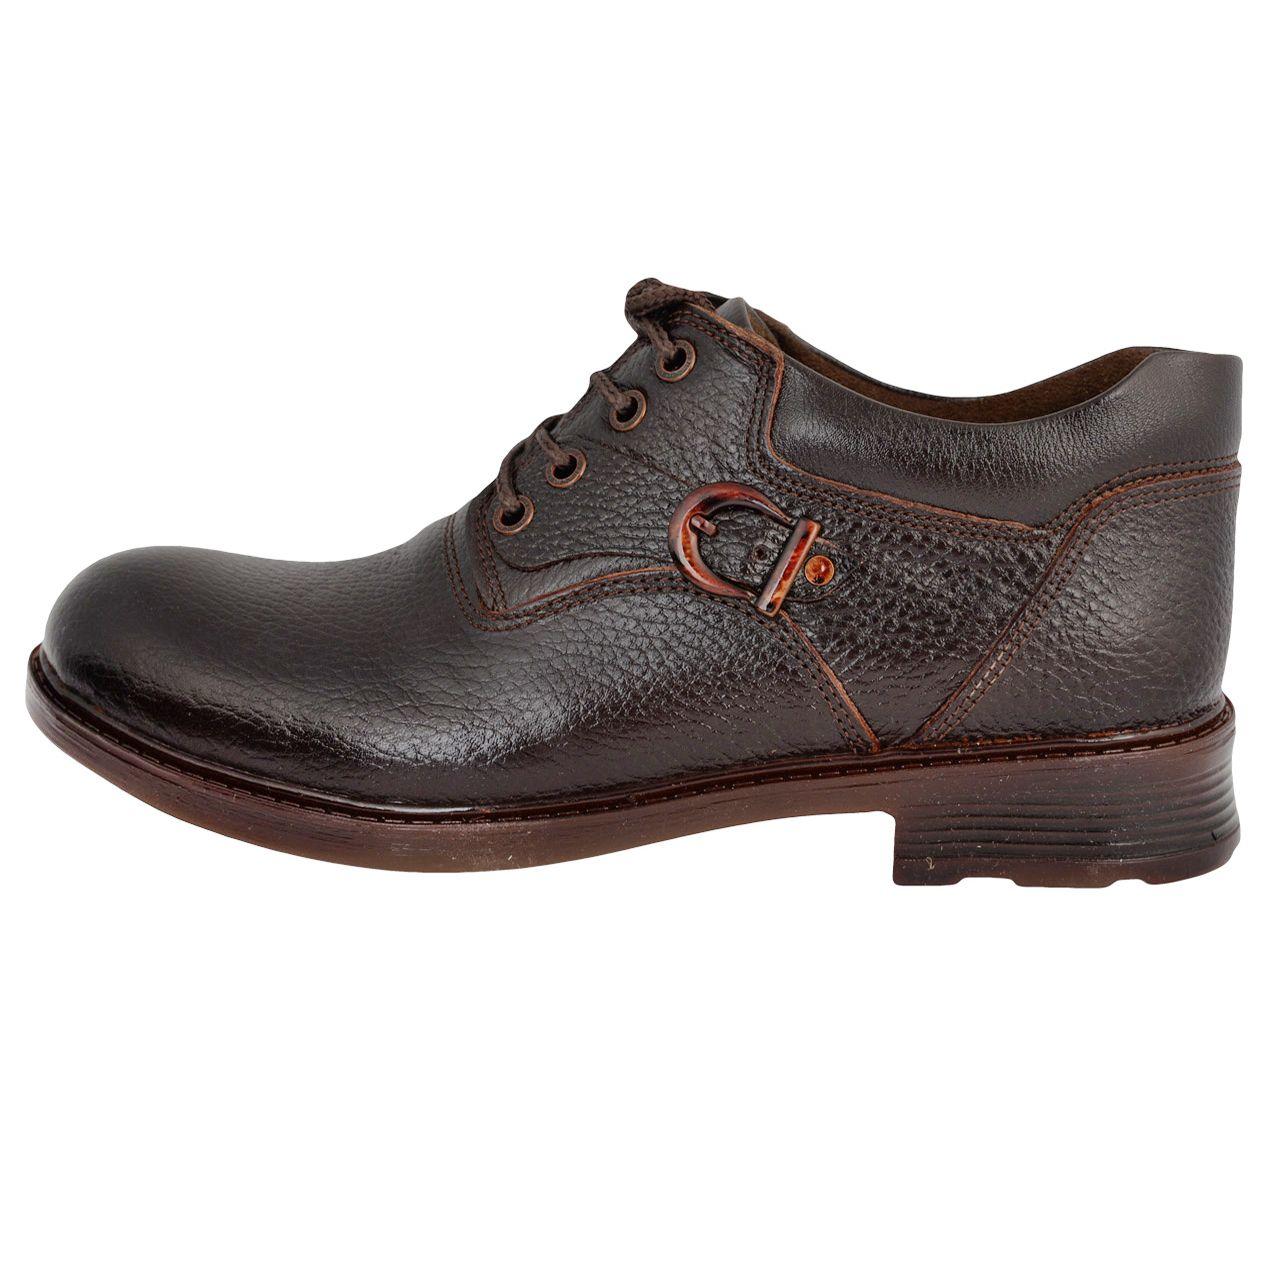 کفش مردانه کد 324001708 -  - 4